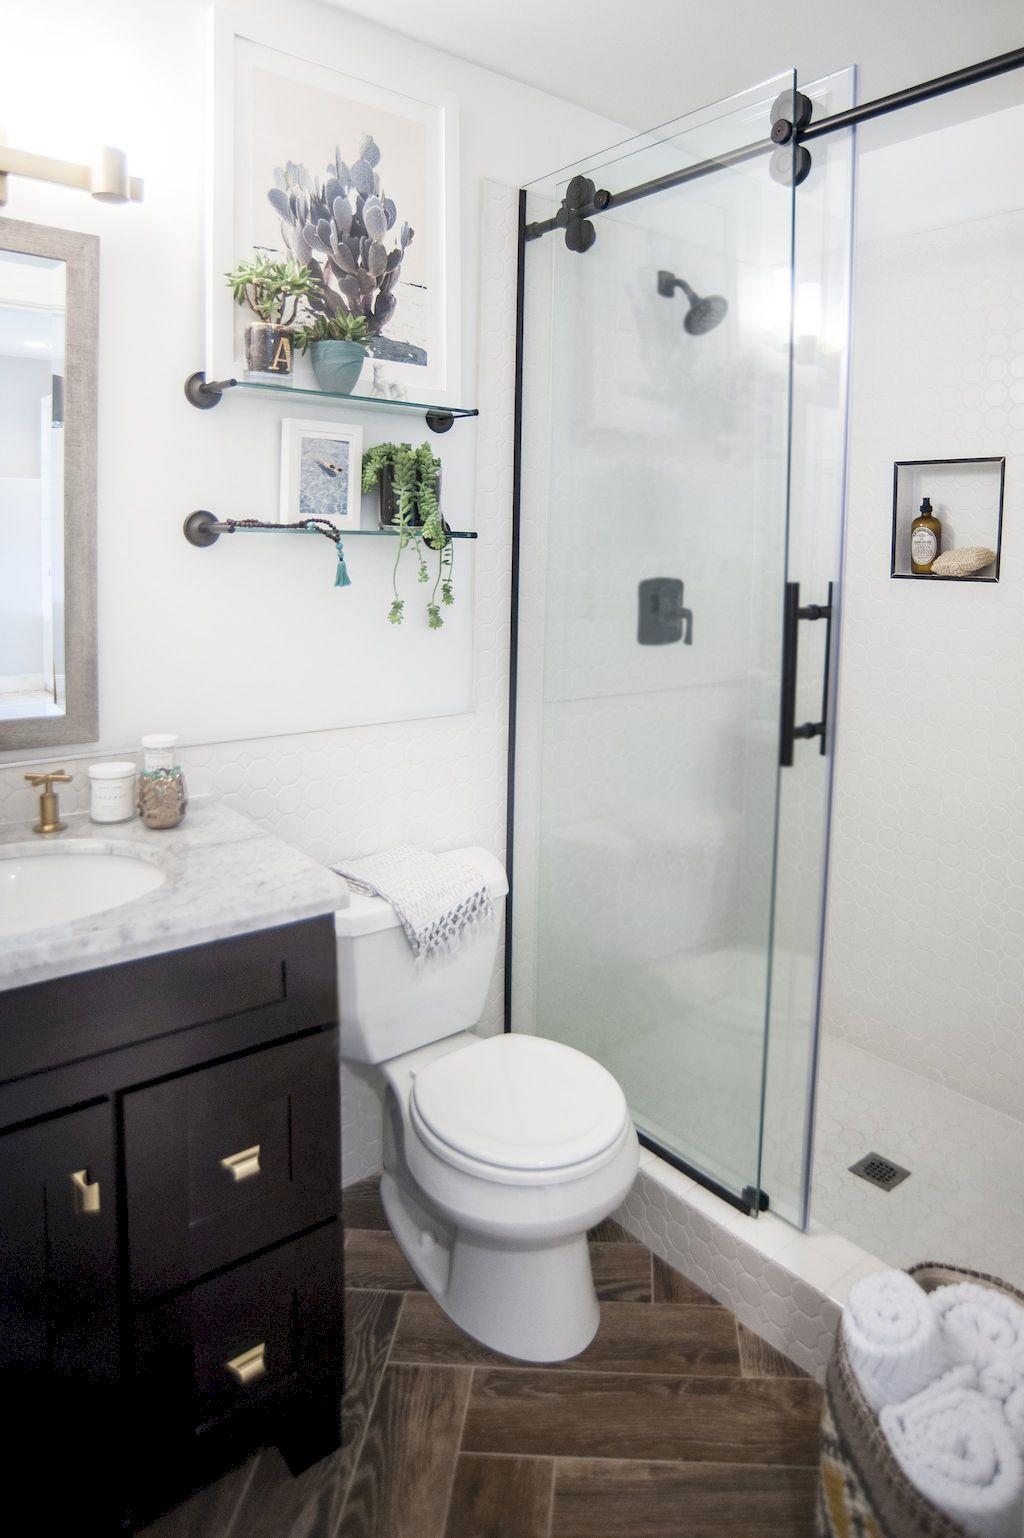 111 Brilliant Small Bathroom Remodel Ideas On A Budget | Bathroom ...